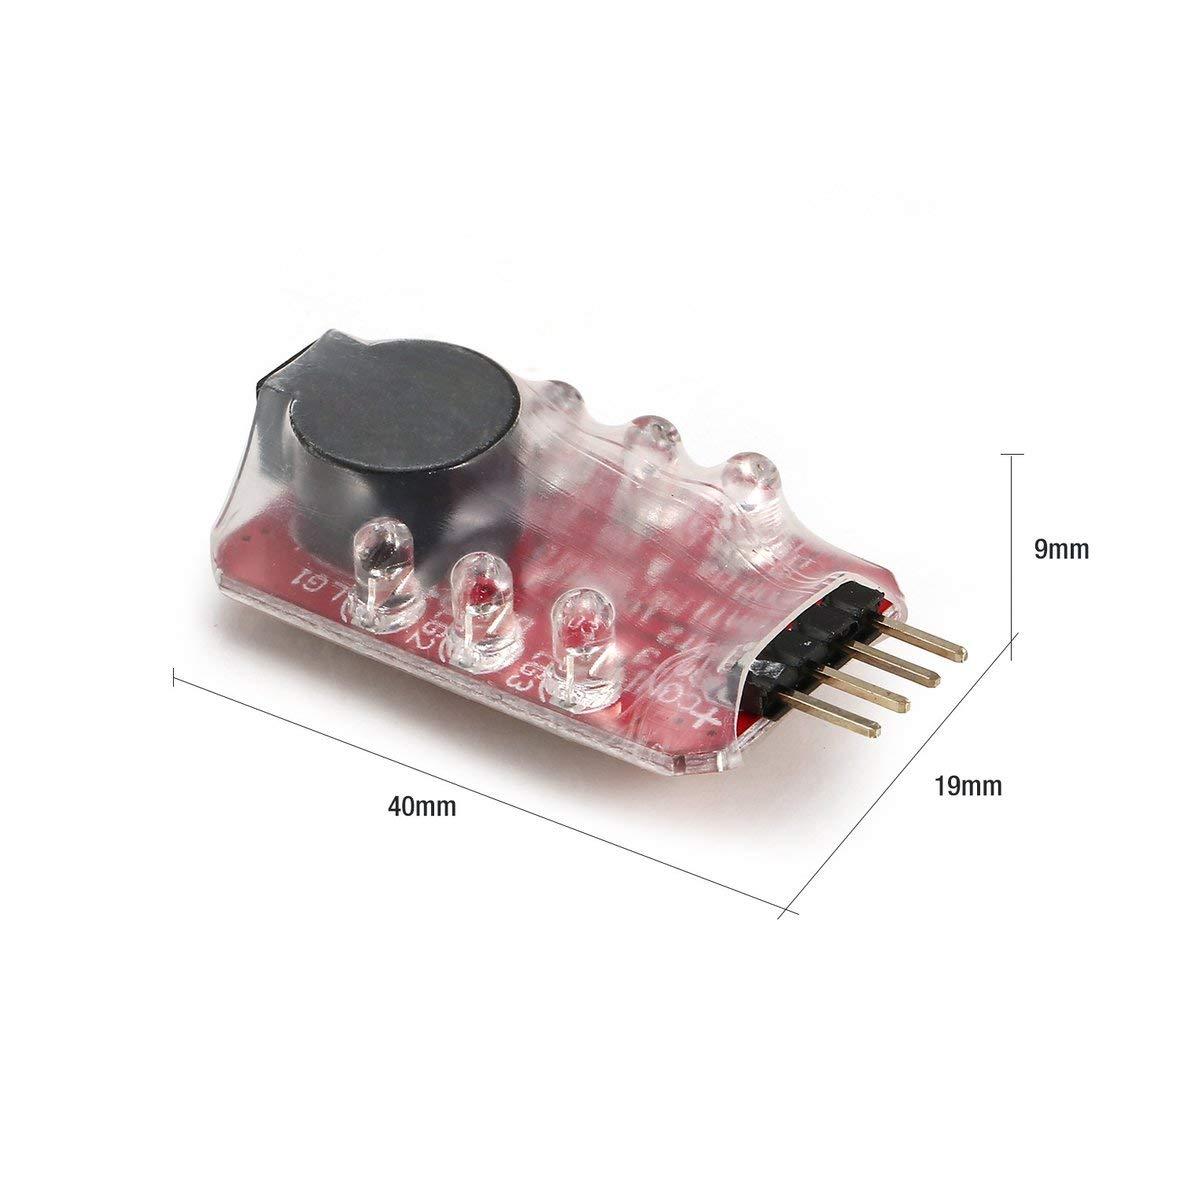 3s 11.1v Batterie lipo Heaviesk Basse Lipo Batterie LED Tension Compteur Testeur Buzzer Indicateur Dalarme Simple Haut Parleur pour 2s 7.4v